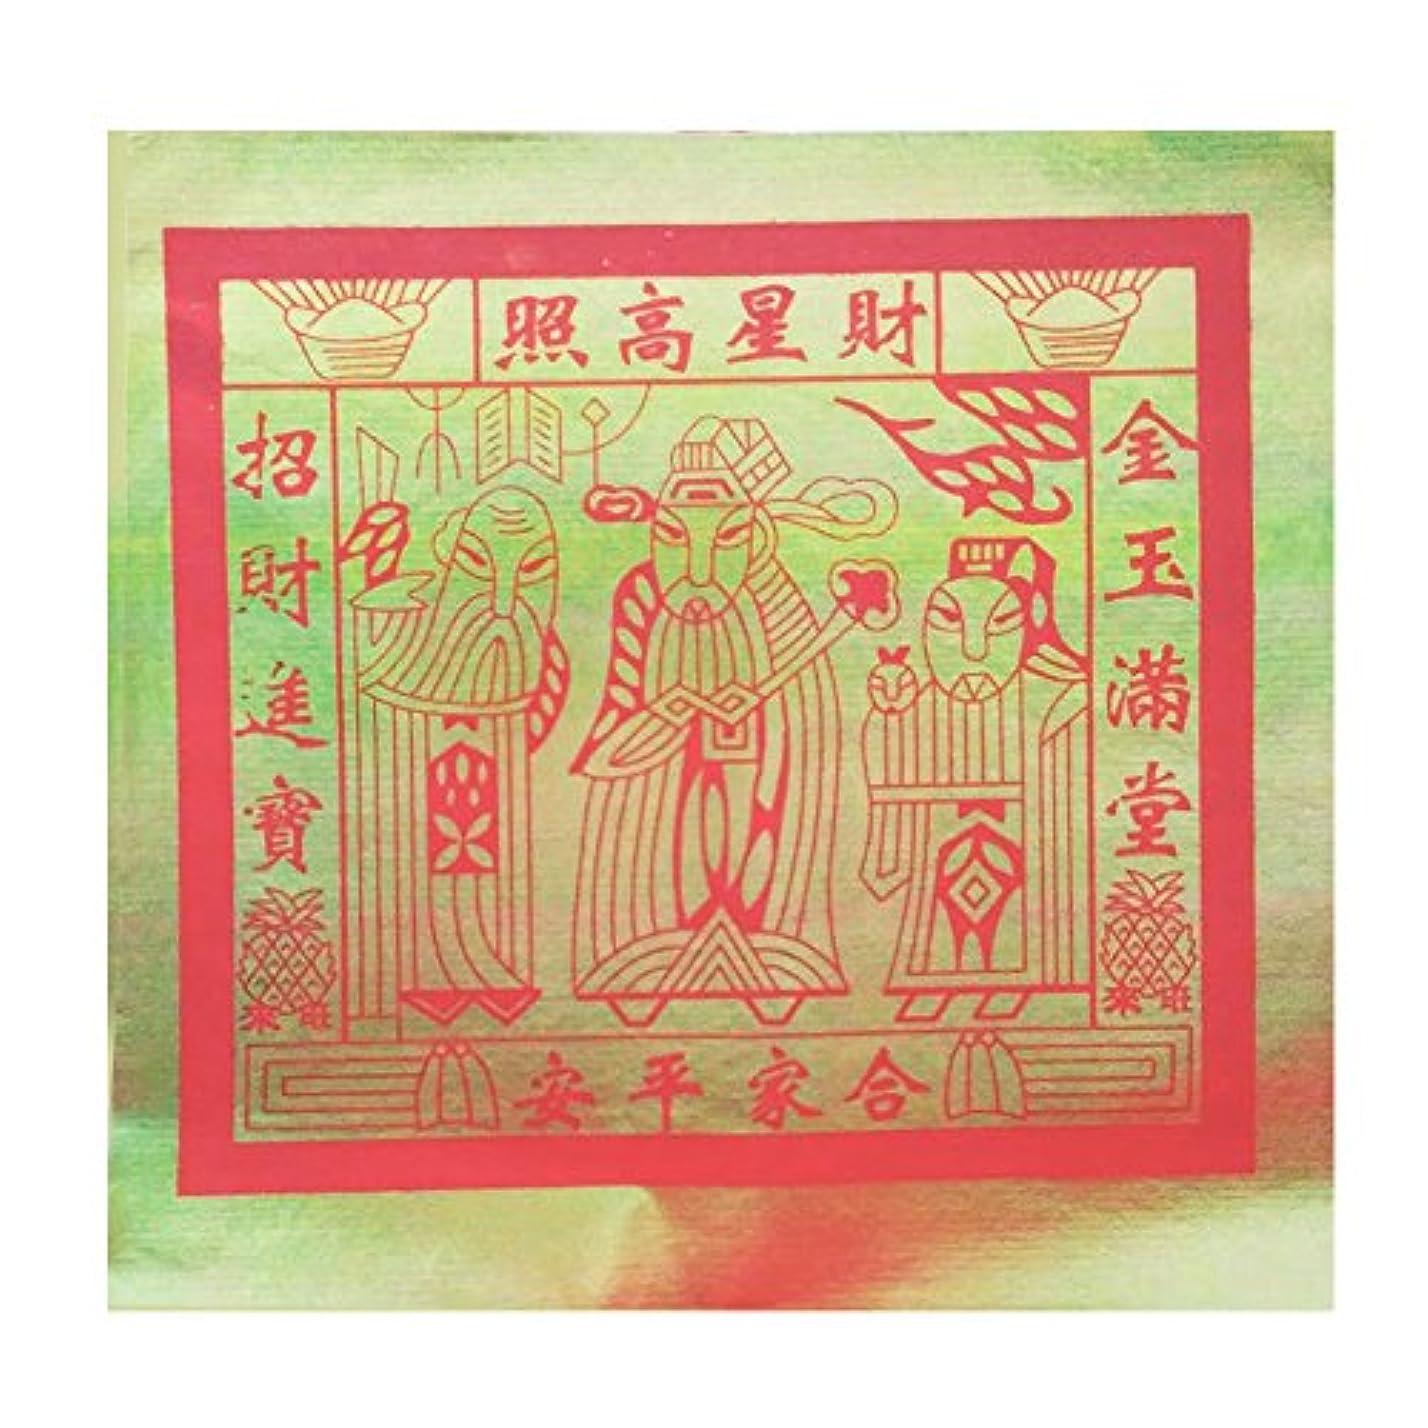 きょうだいプロジェクター粘液100個Incense用紙/ Joss用紙with High Gradeフルゴールド箔サイズ中10.75インチx 10.4インチ